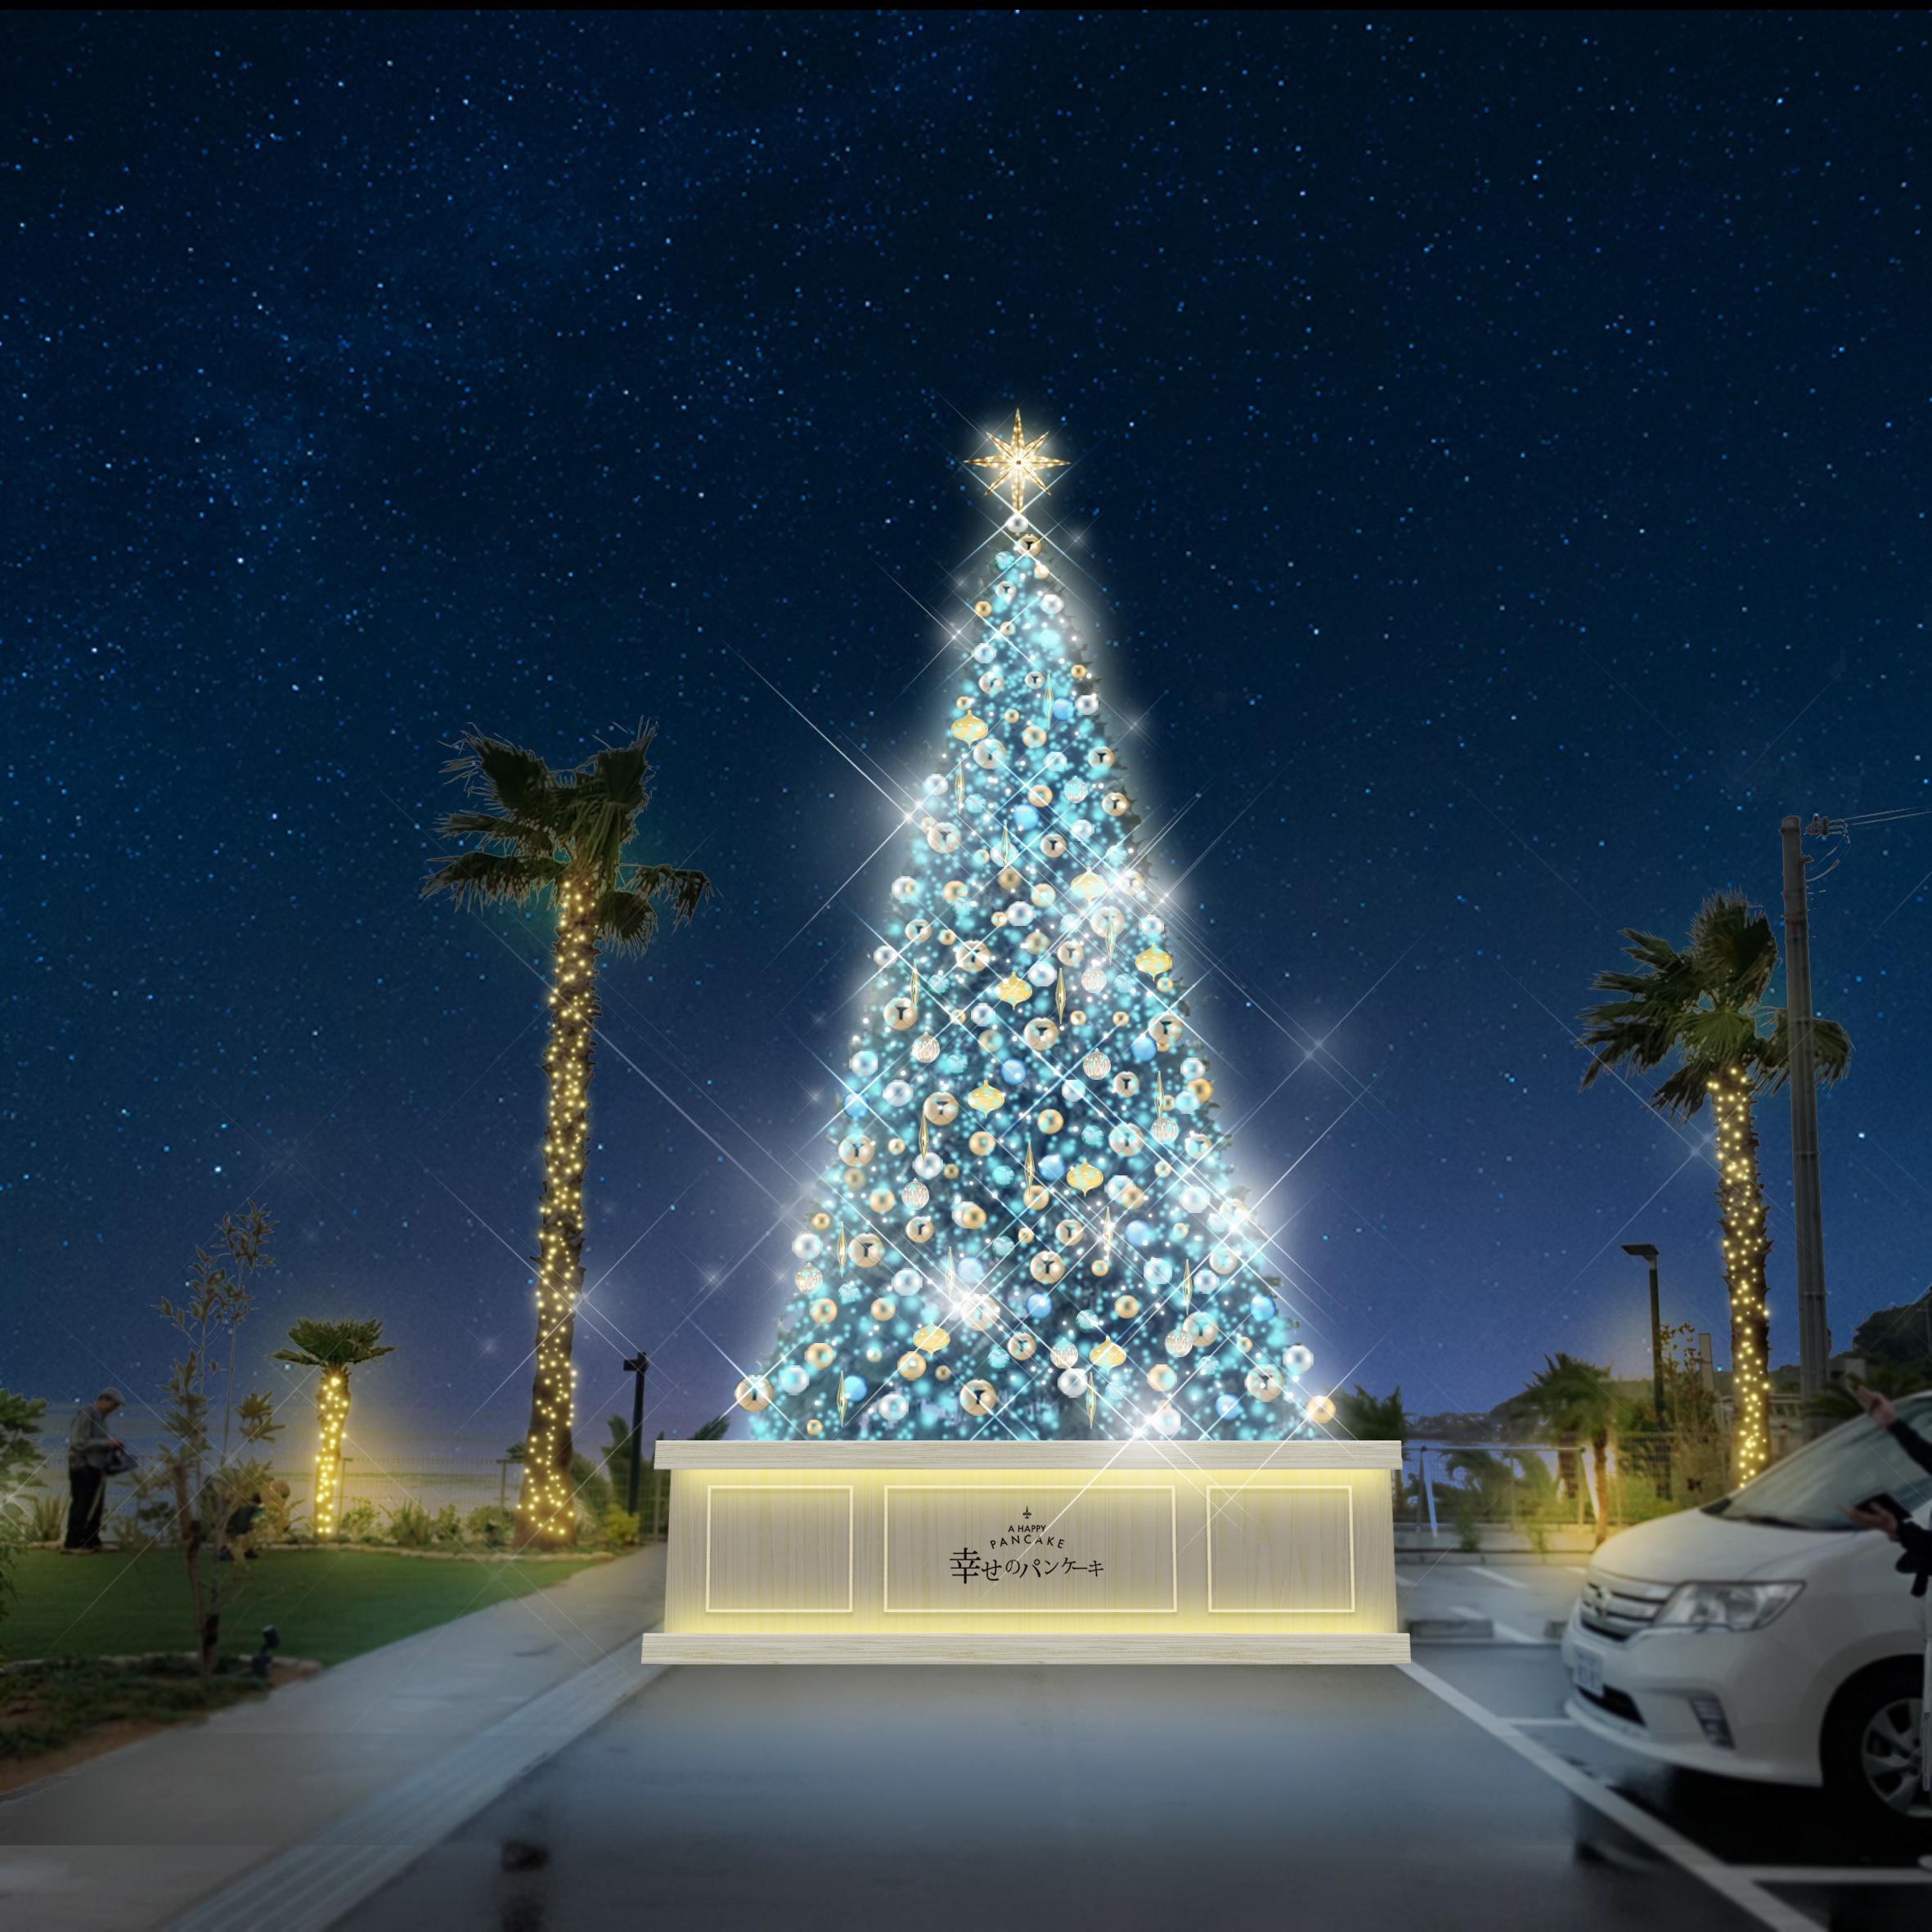 幸せのパンケーキ 淡路島リゾートに「幸せのウィンターイルミネーション」10m巨大クリスマスツリー登場... 画像